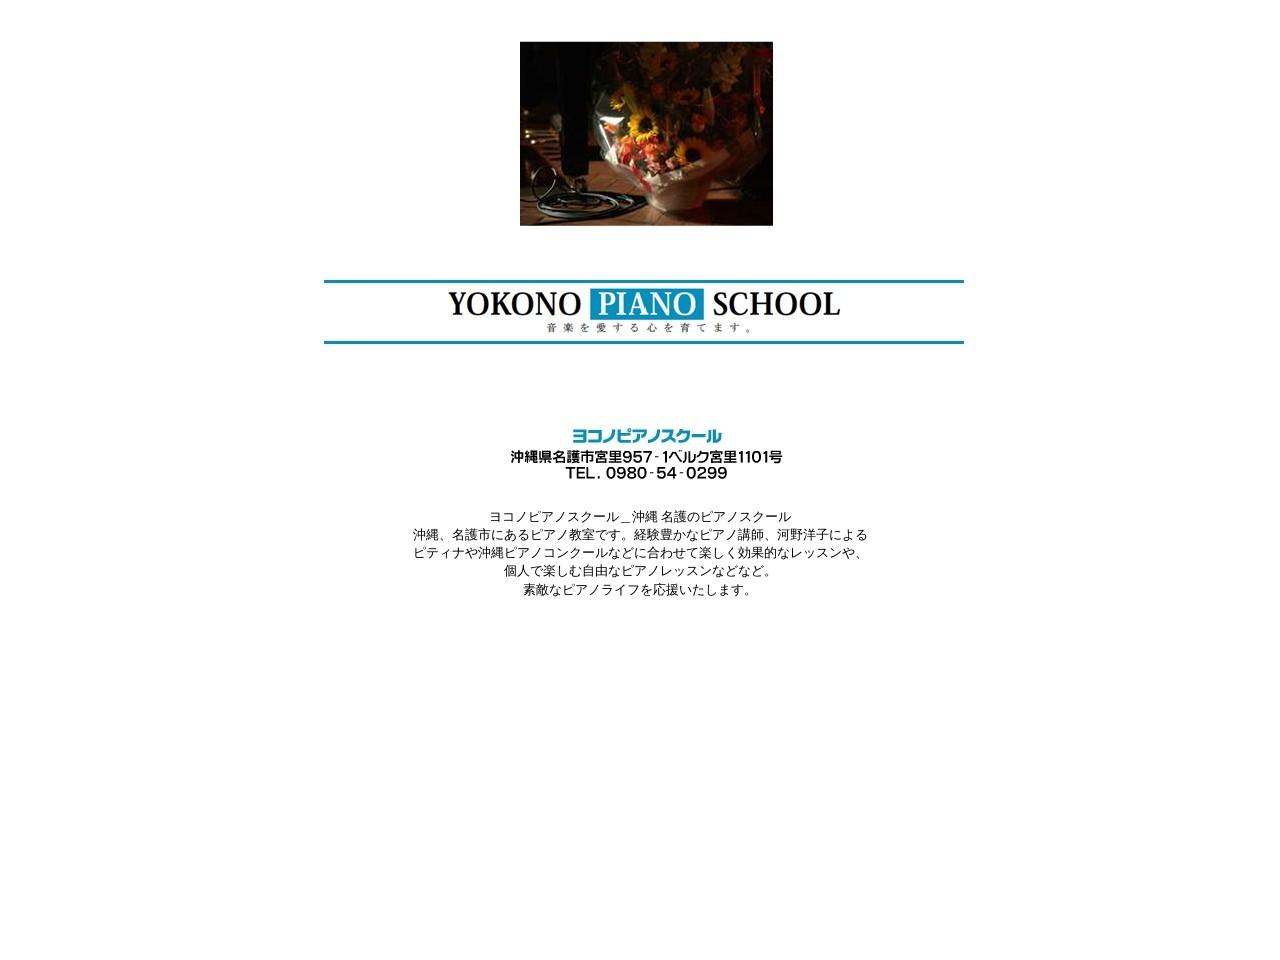 ヨコノピアノスクールのサムネイル